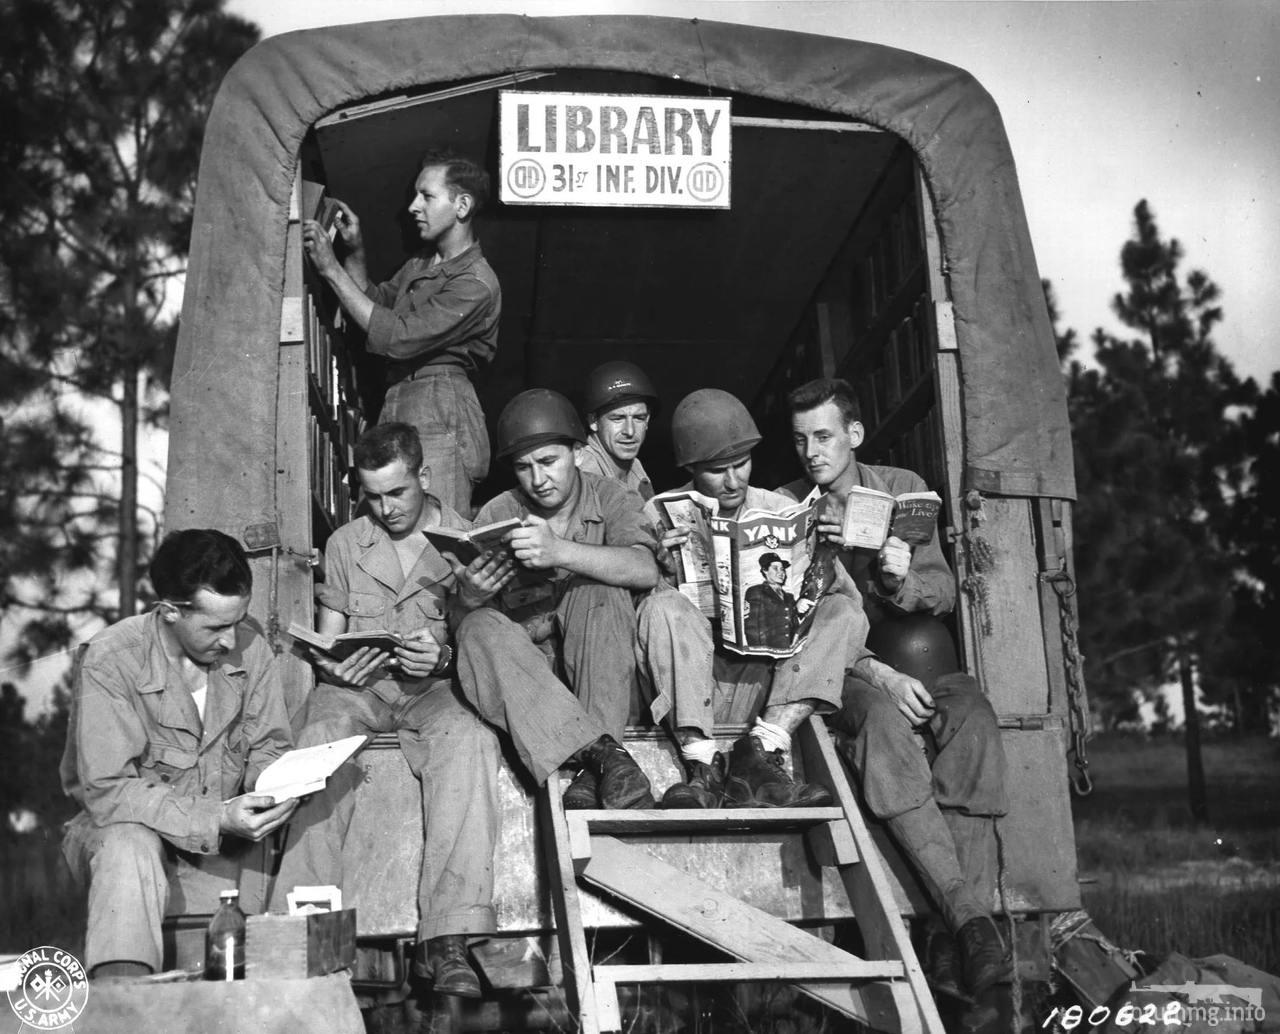 116286 - Военное фото 1939-1945 г.г. Западный фронт и Африка.